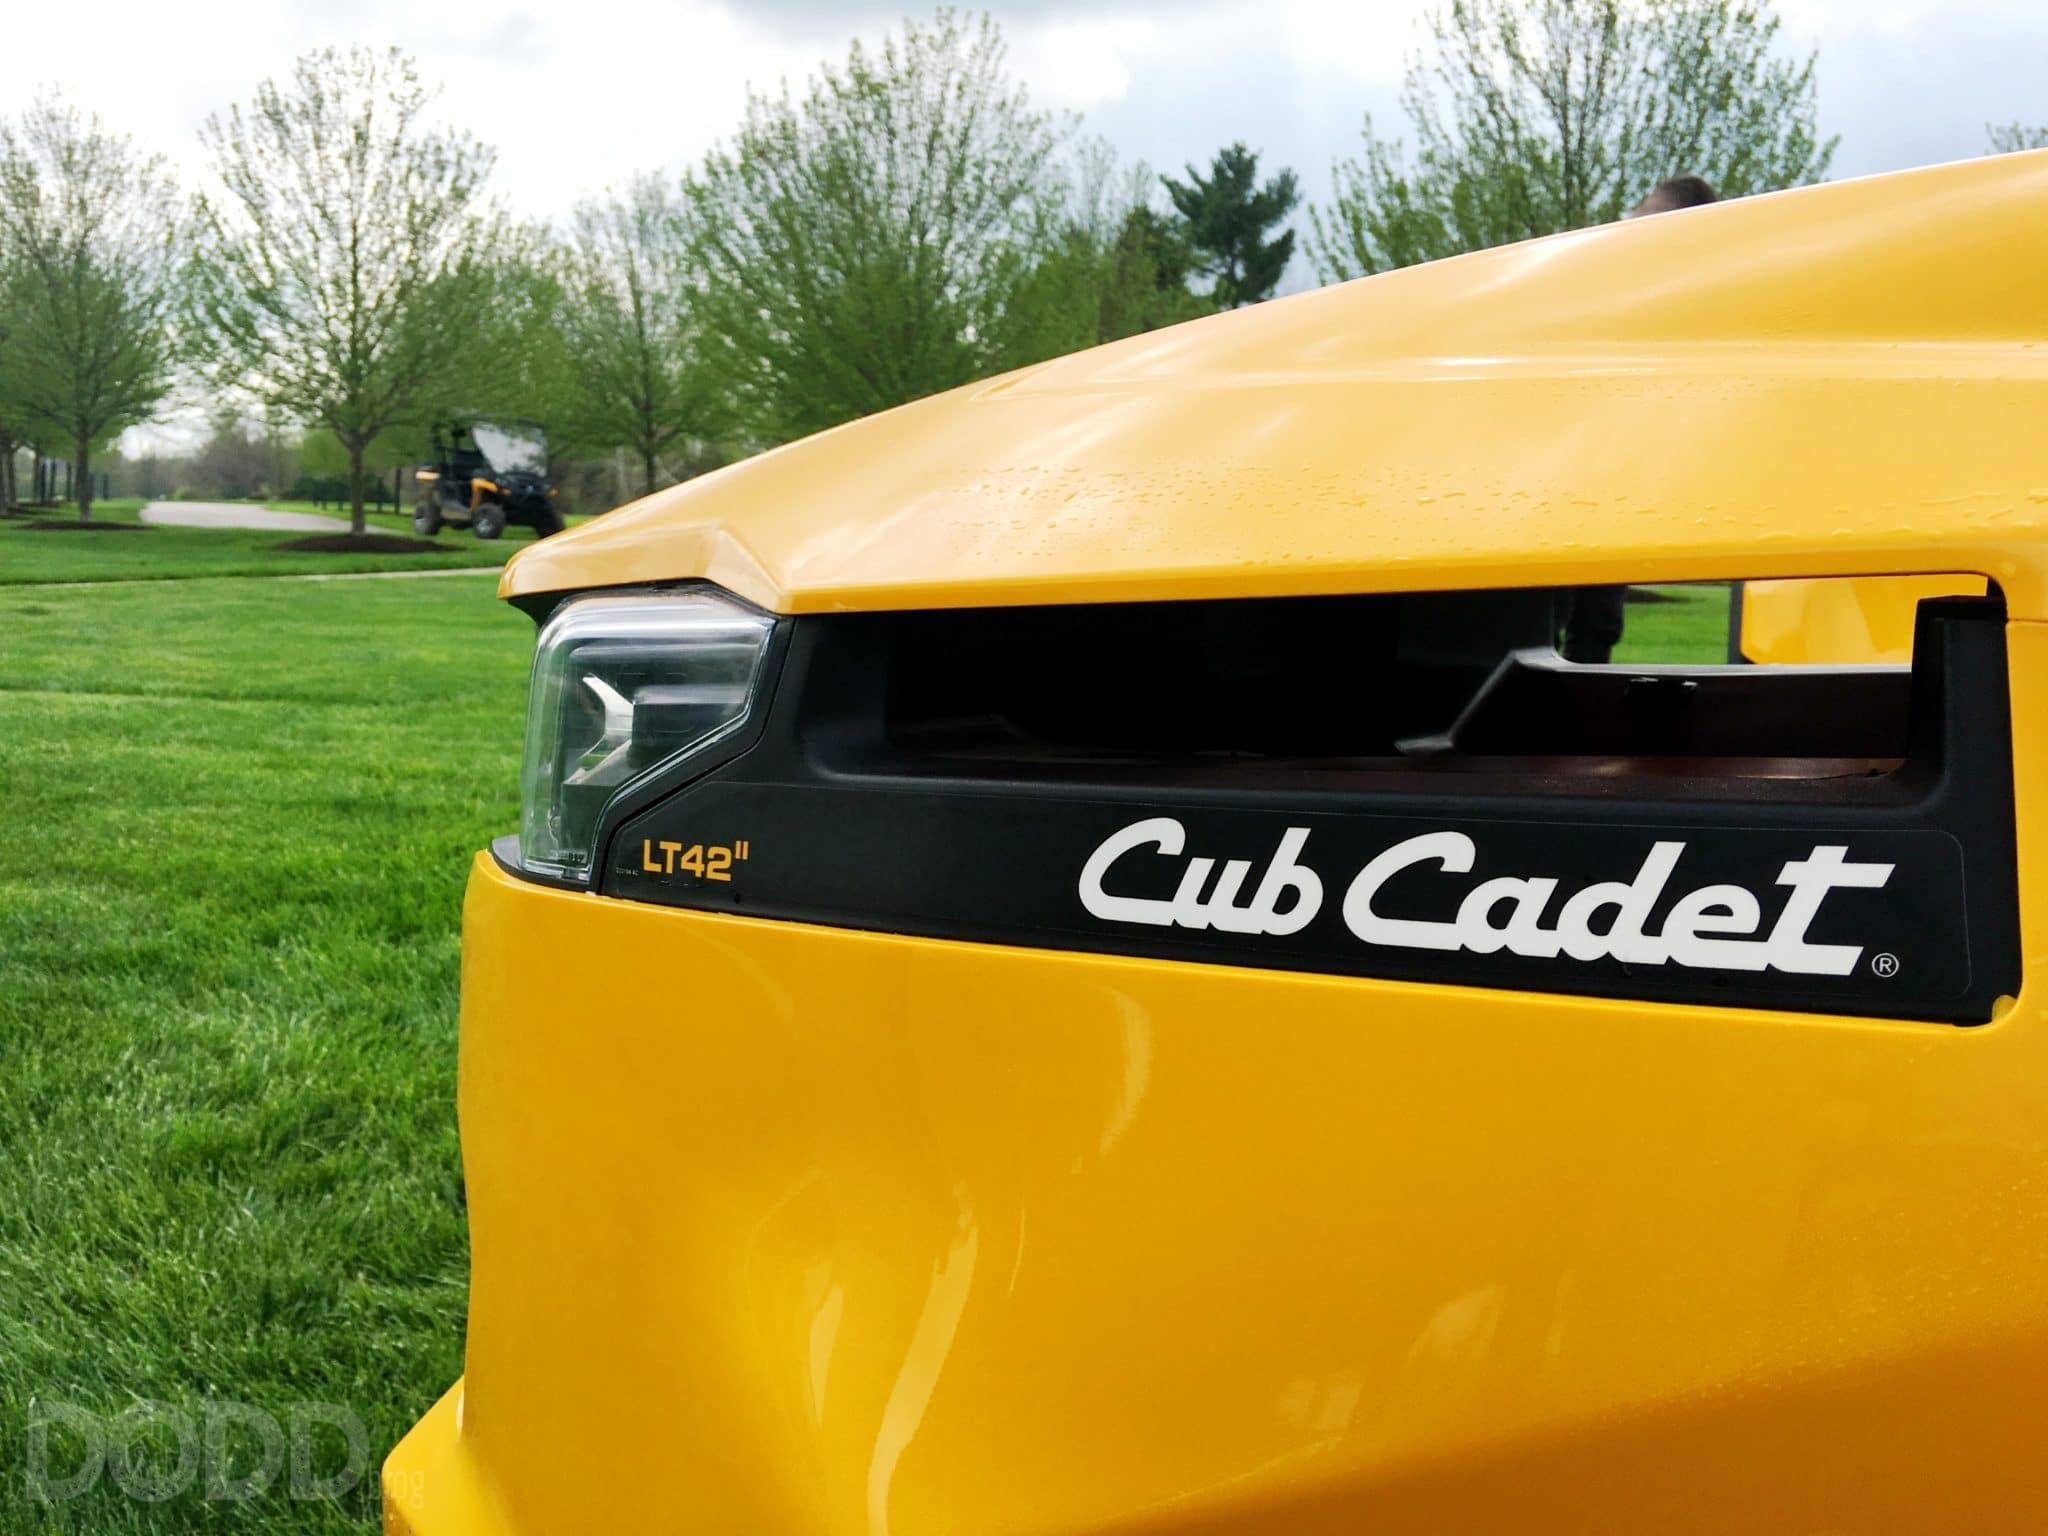 Cub Cadet XT1